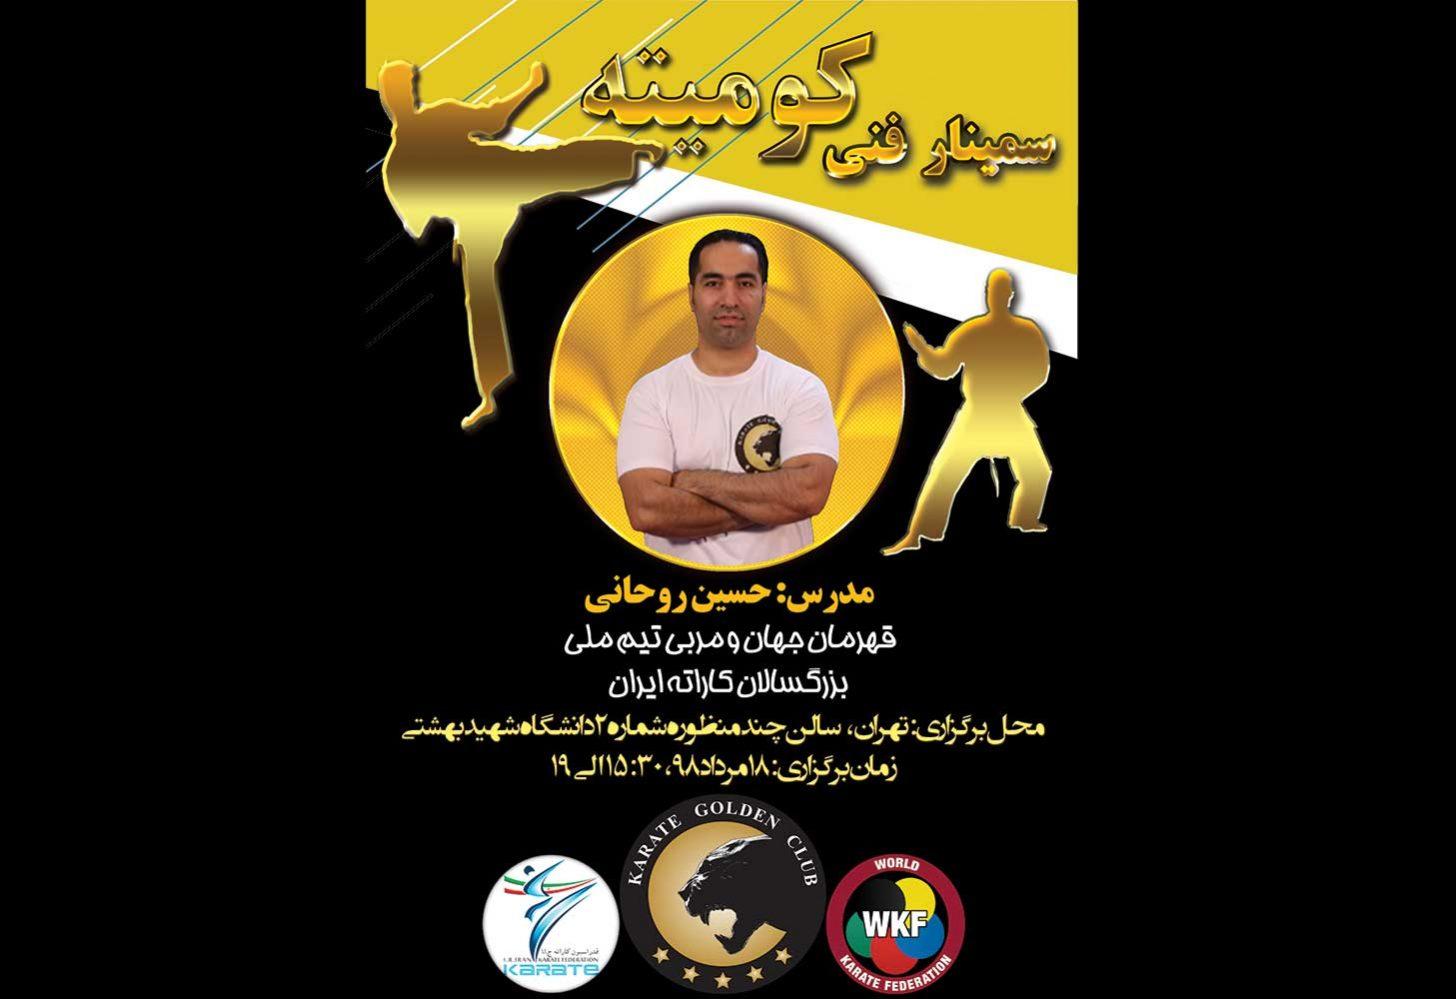 سمینار تخصصی کومیته باشگاه طلایی کاراته